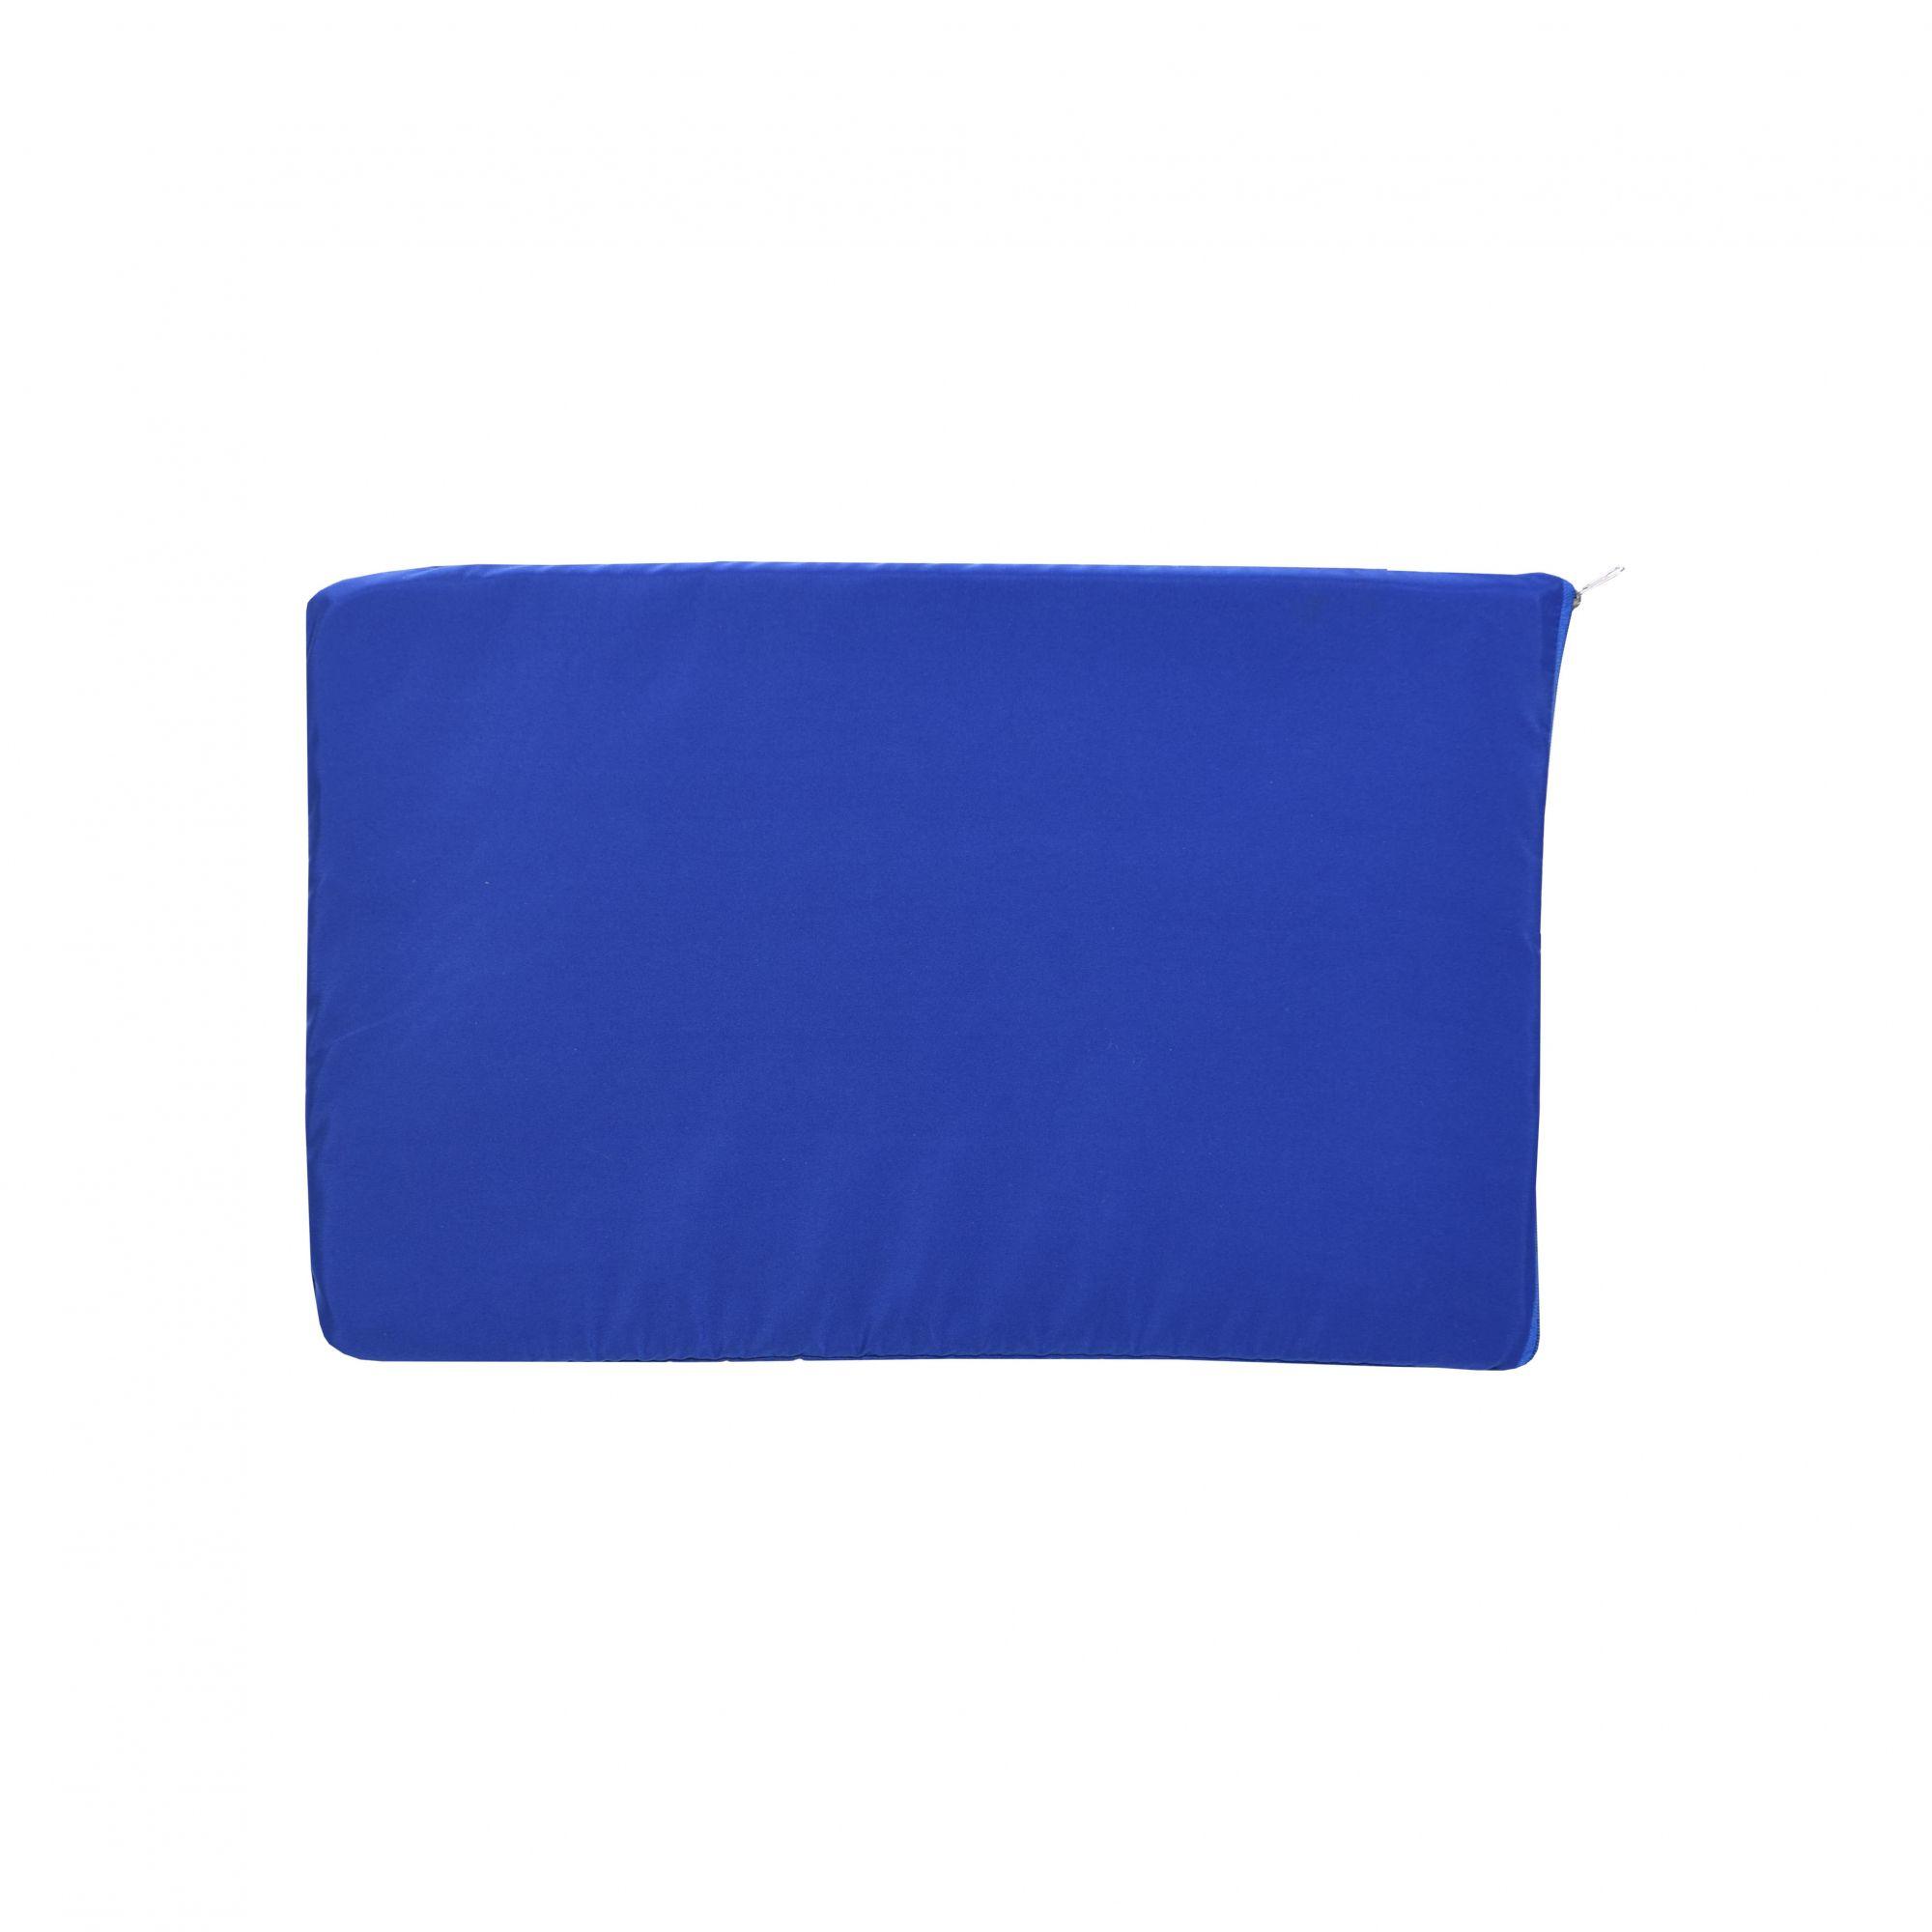 Kit Casinha Madeira 03 com Colchonete Azul e placa de nome